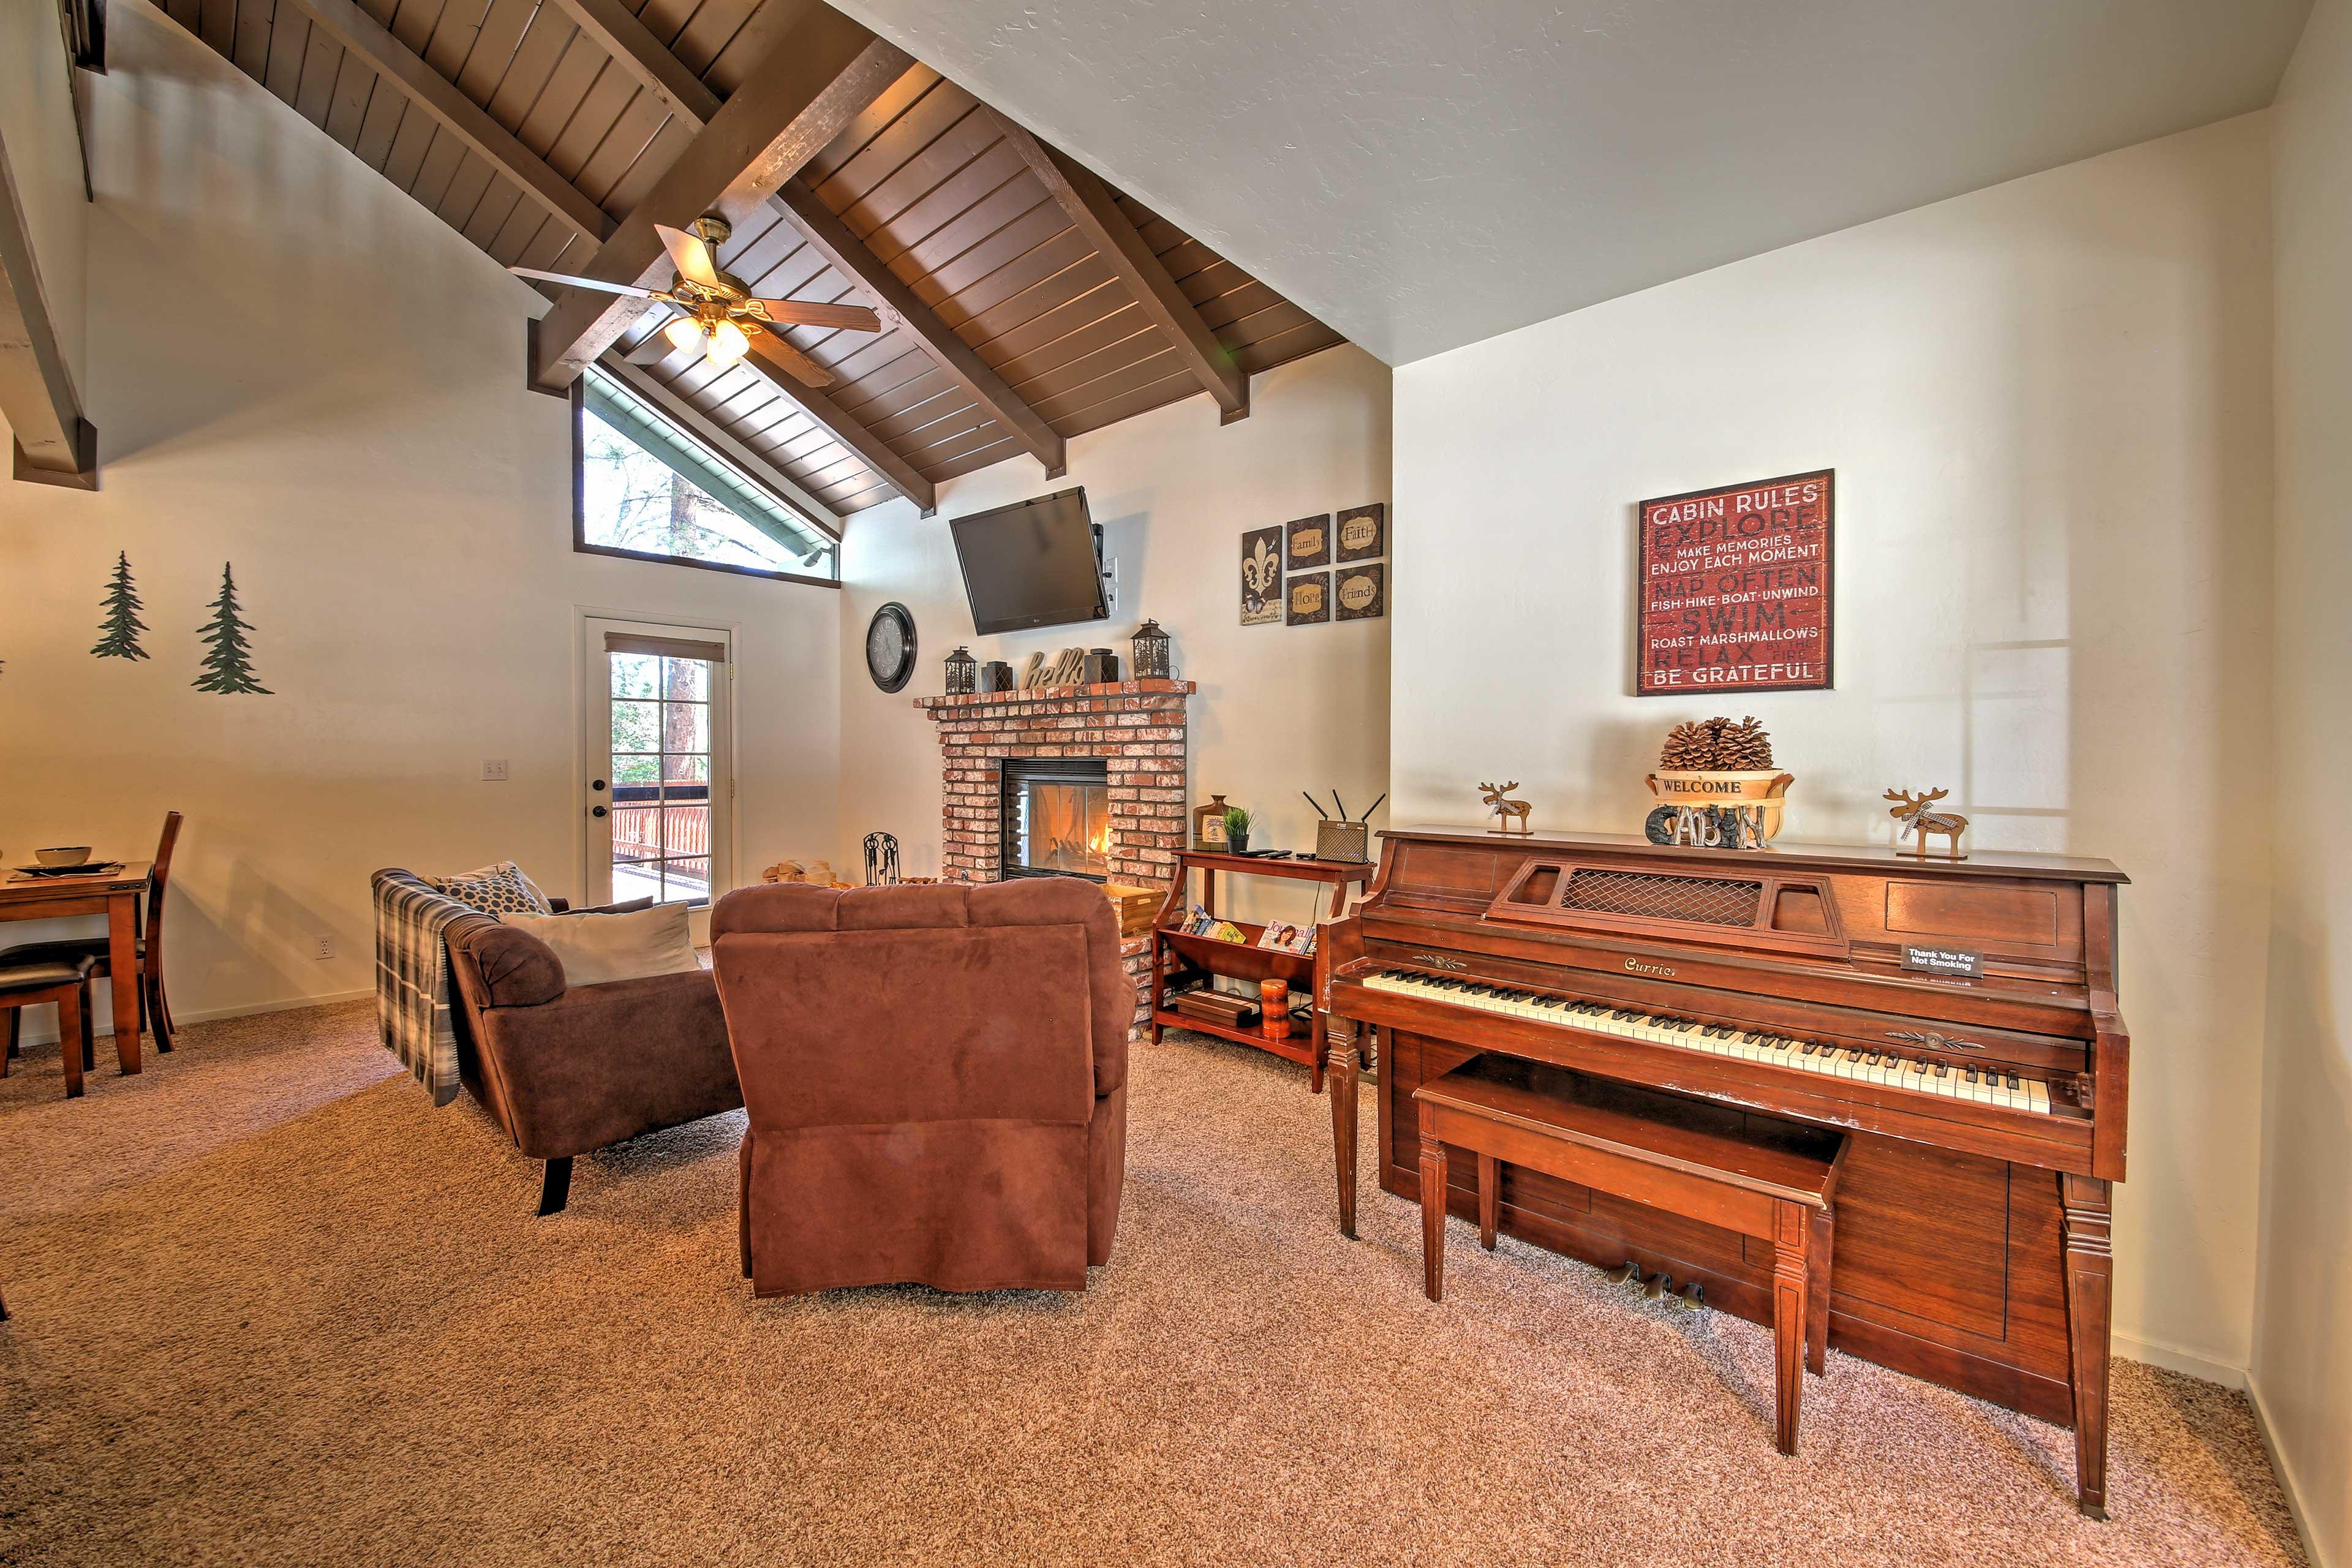 Rustic decor adorns the walls of the interior.